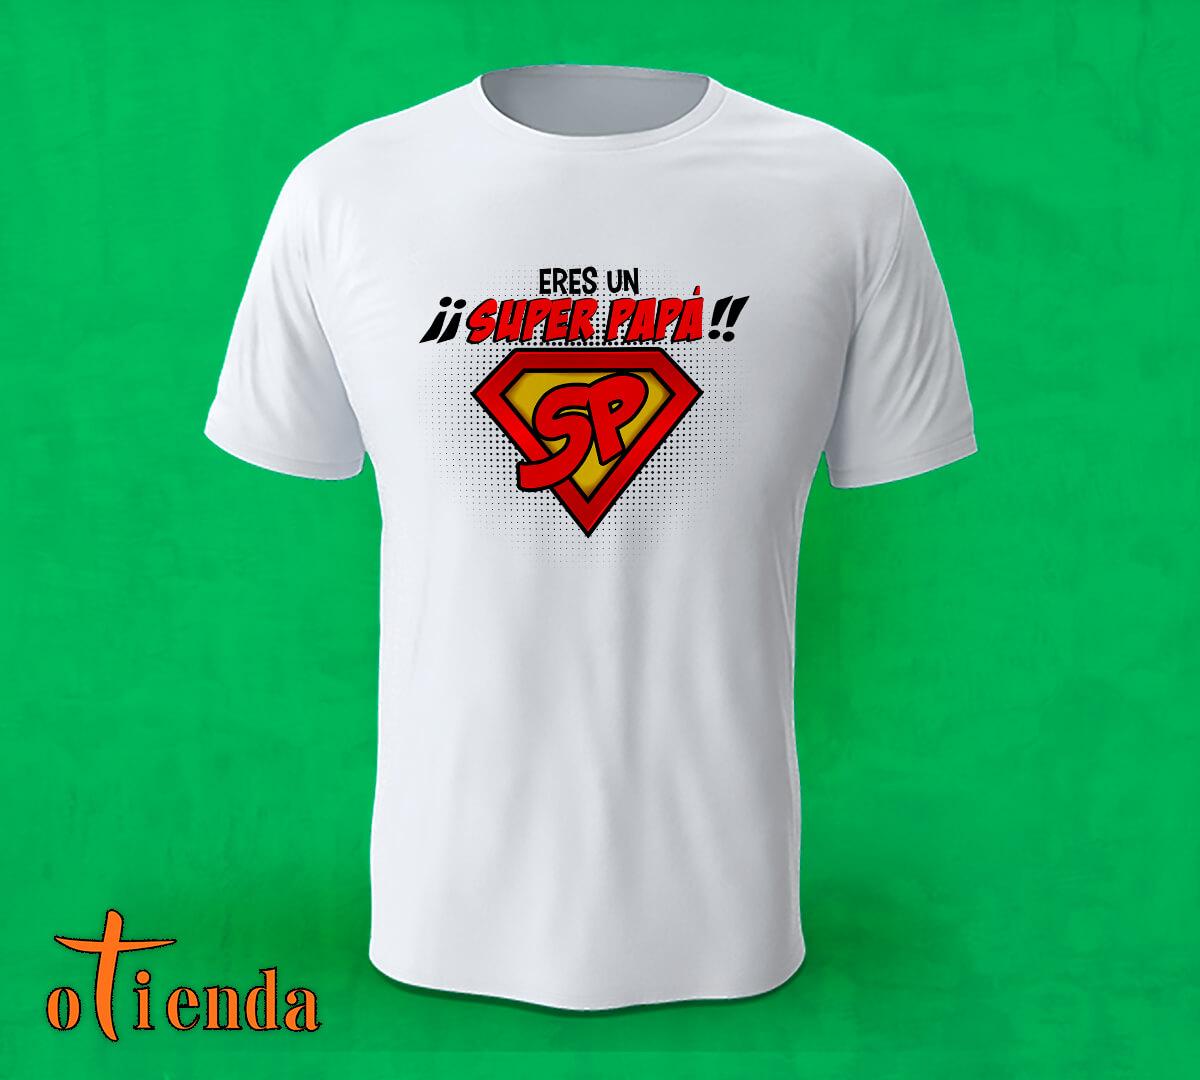 Camiseta Día del Padre personalizada